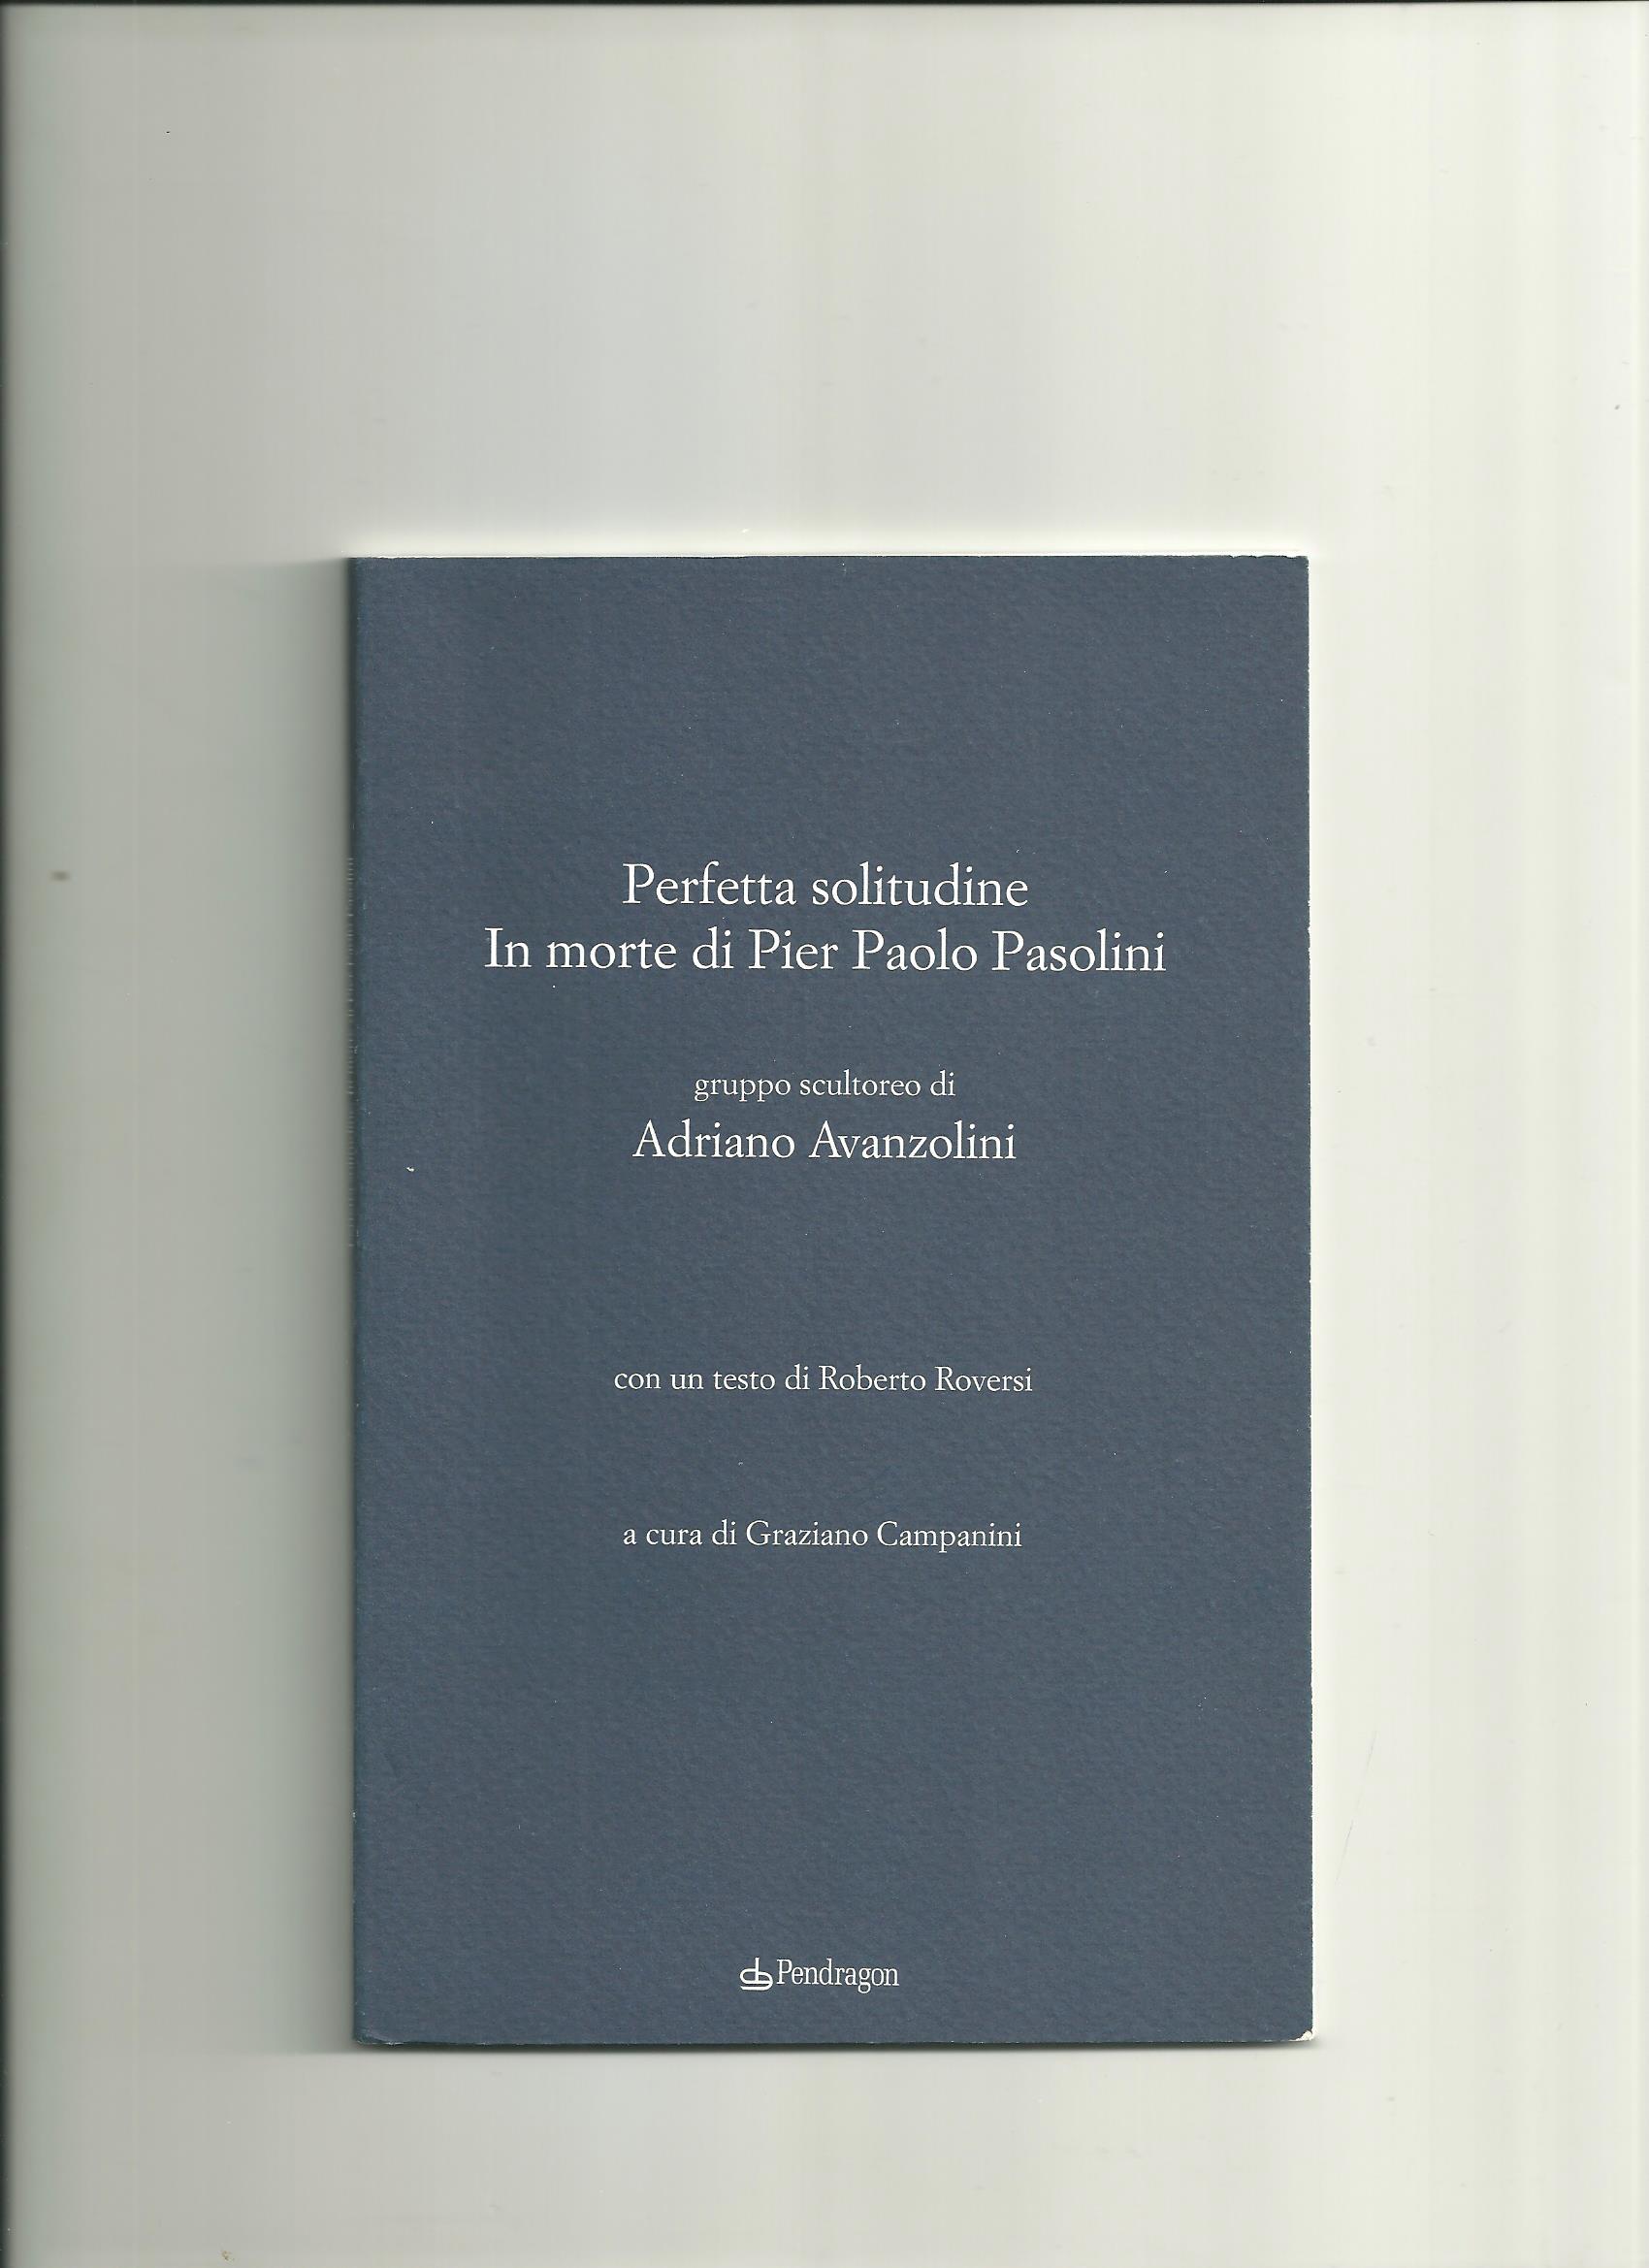 Perfetta solitudine,. In morte di Pier Paolo Pasolini, Bologna (2015)